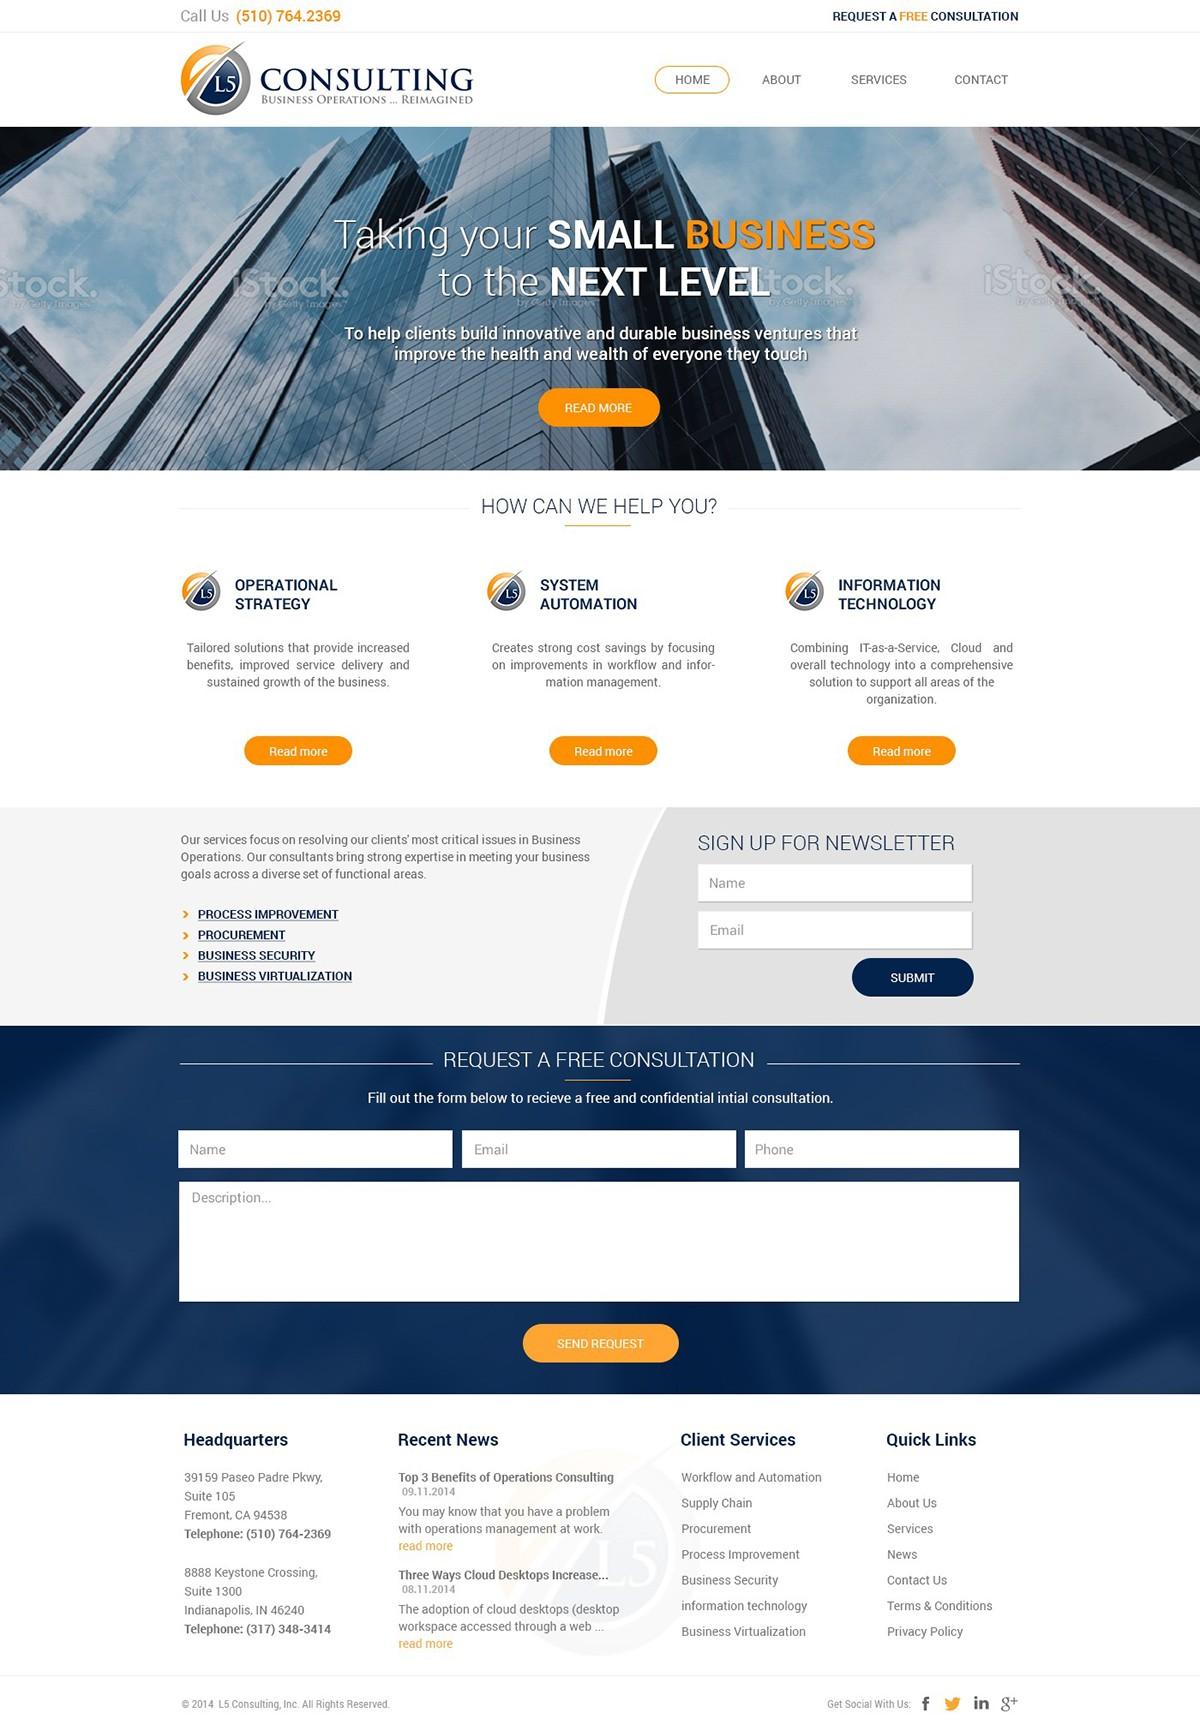 professional web design company in Noida